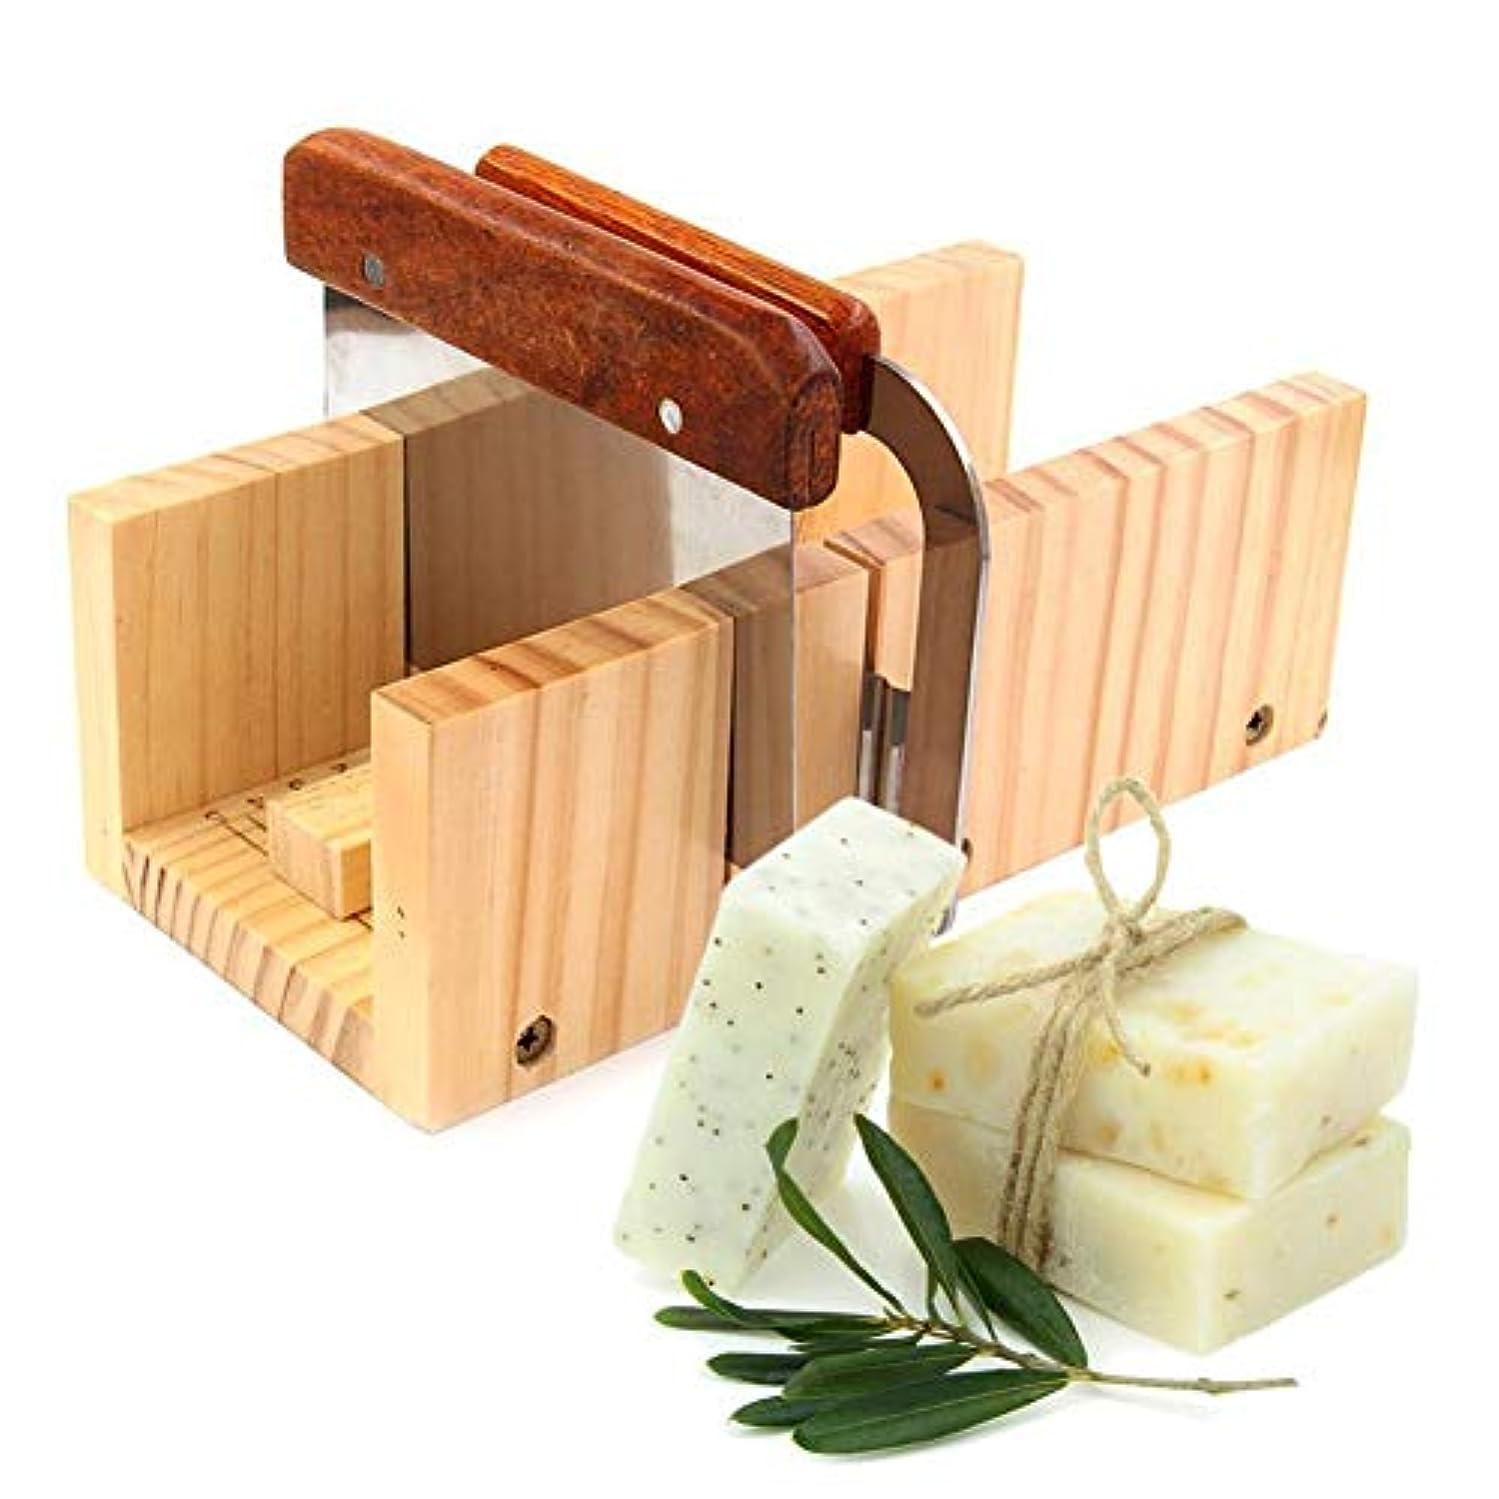 ユーモア美的竜巻ソープモールド、調整可能、木製、ハンドメイド、石鹸、モールドアクセサリー、ストレートプレーナー付き